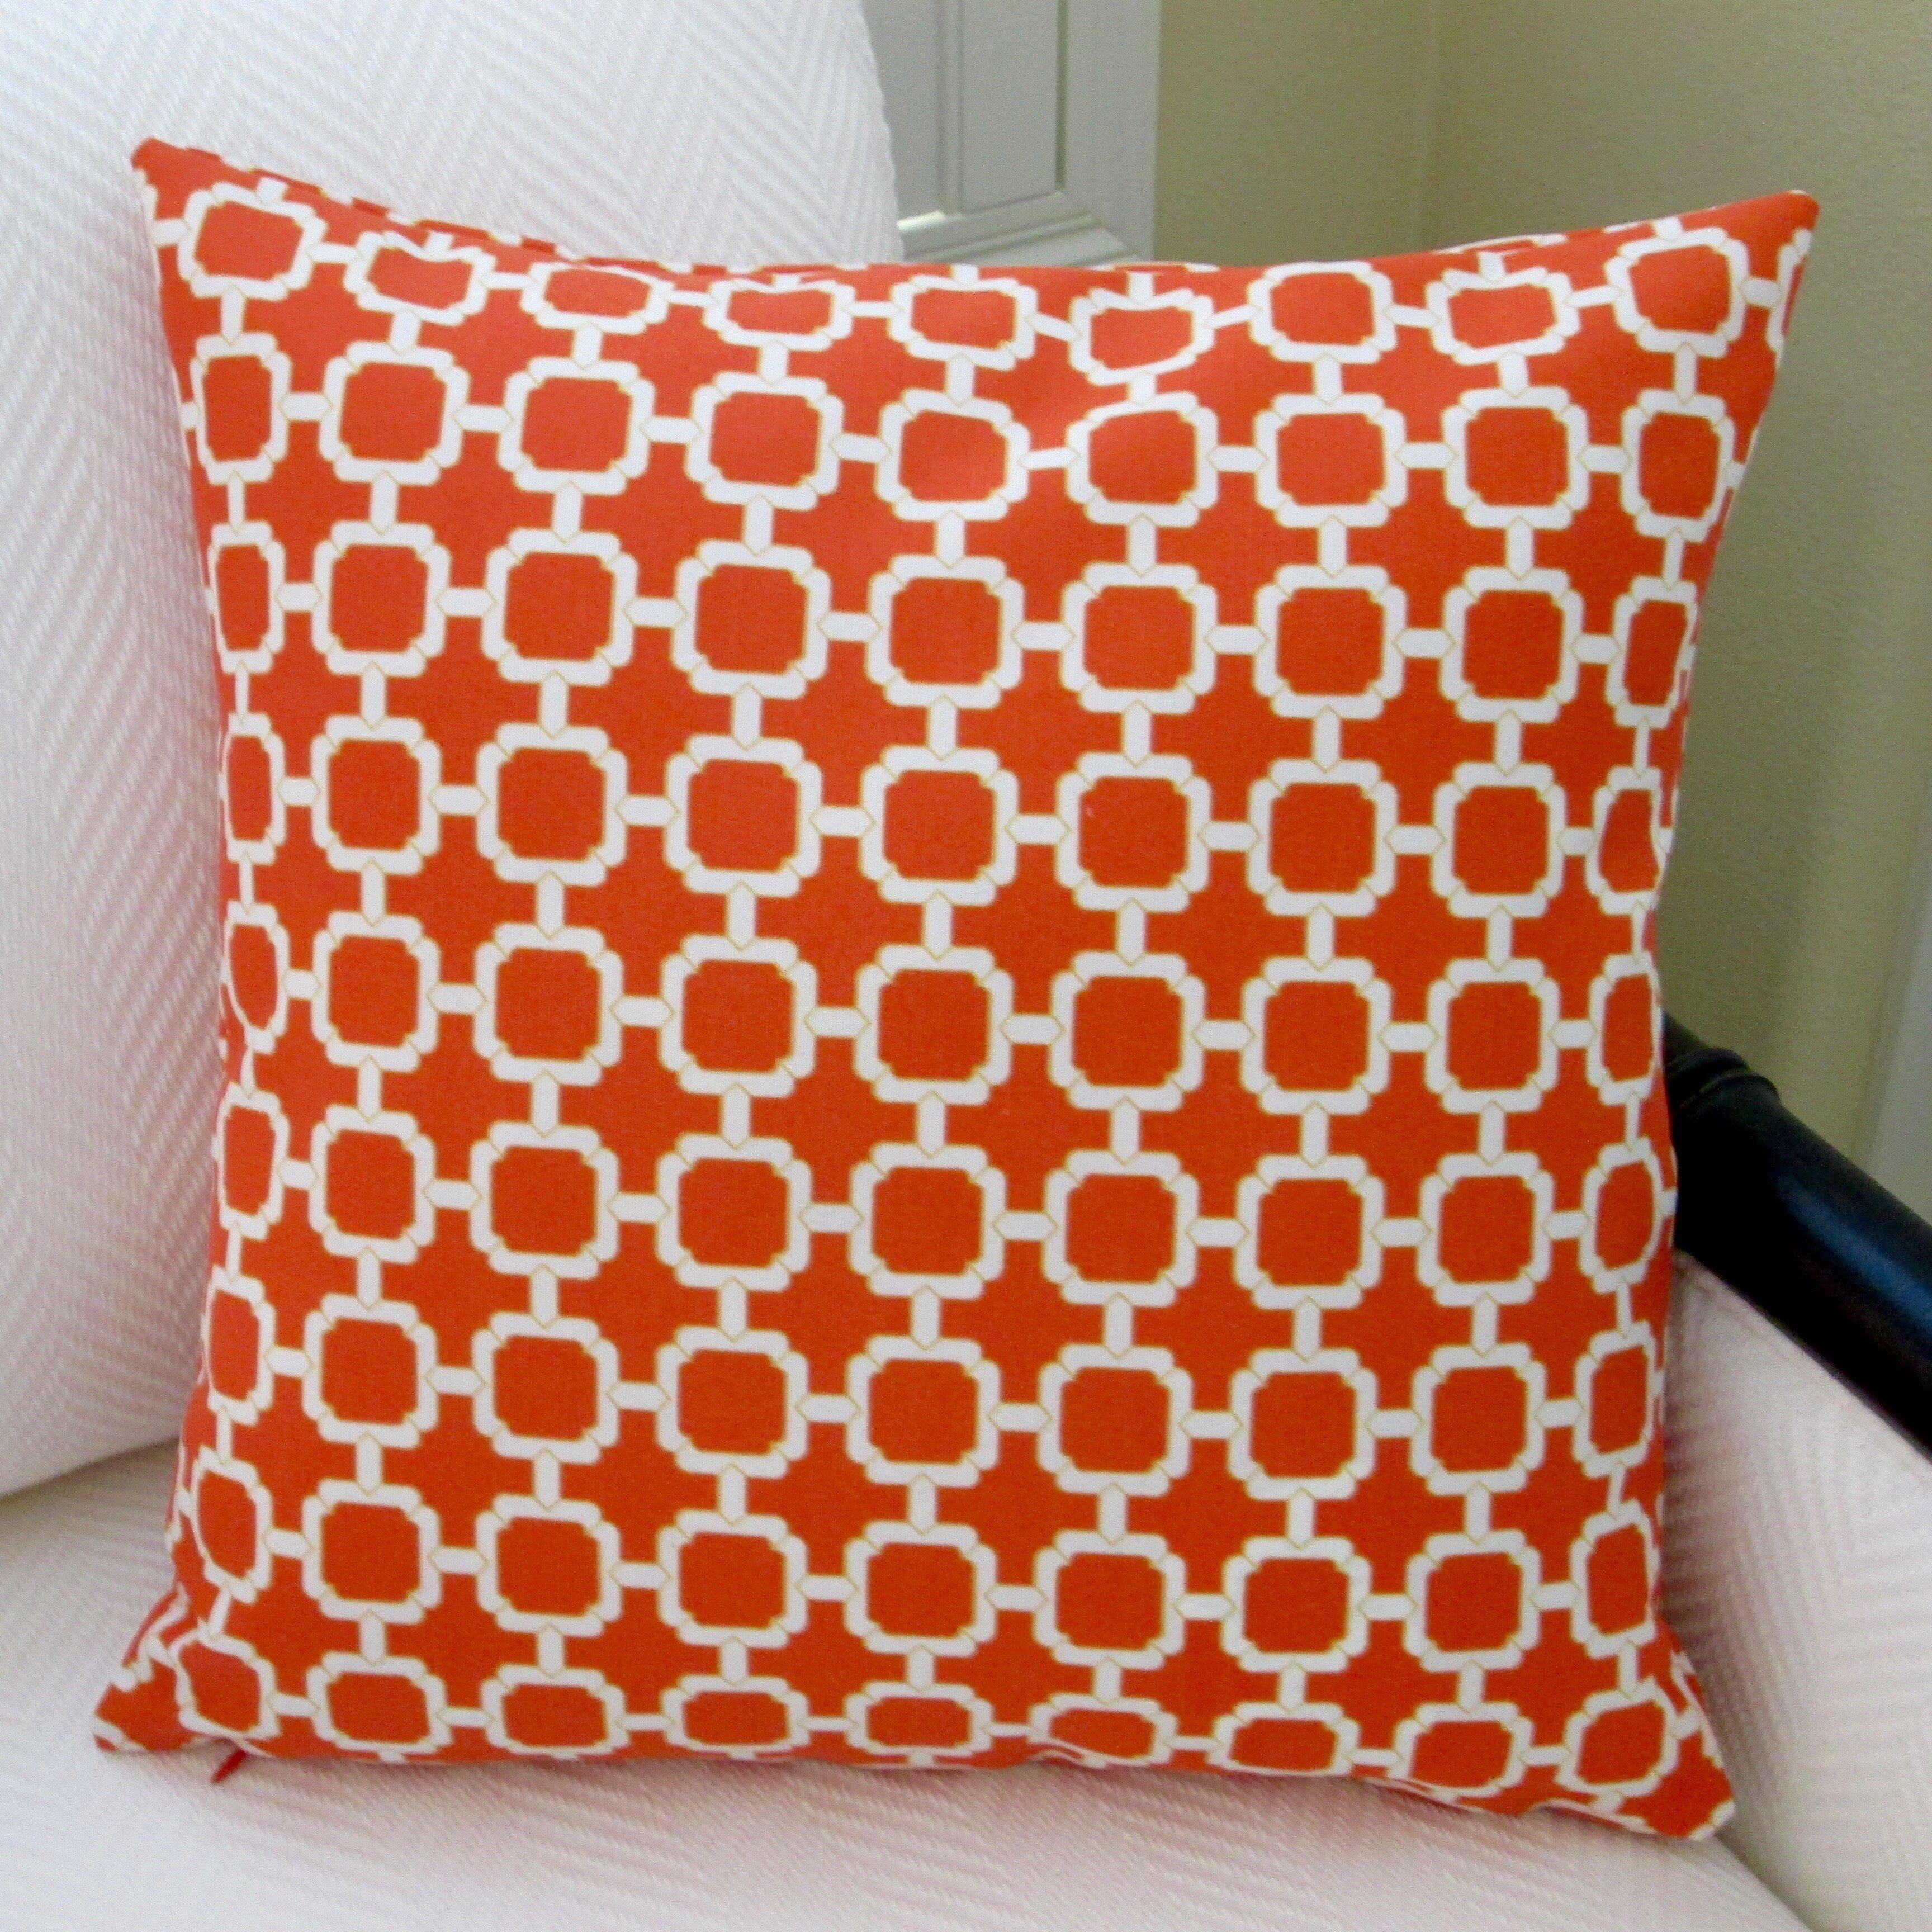 modern outdoor pillows - artisan pillows hockley geometric modern outdoor pillow cover